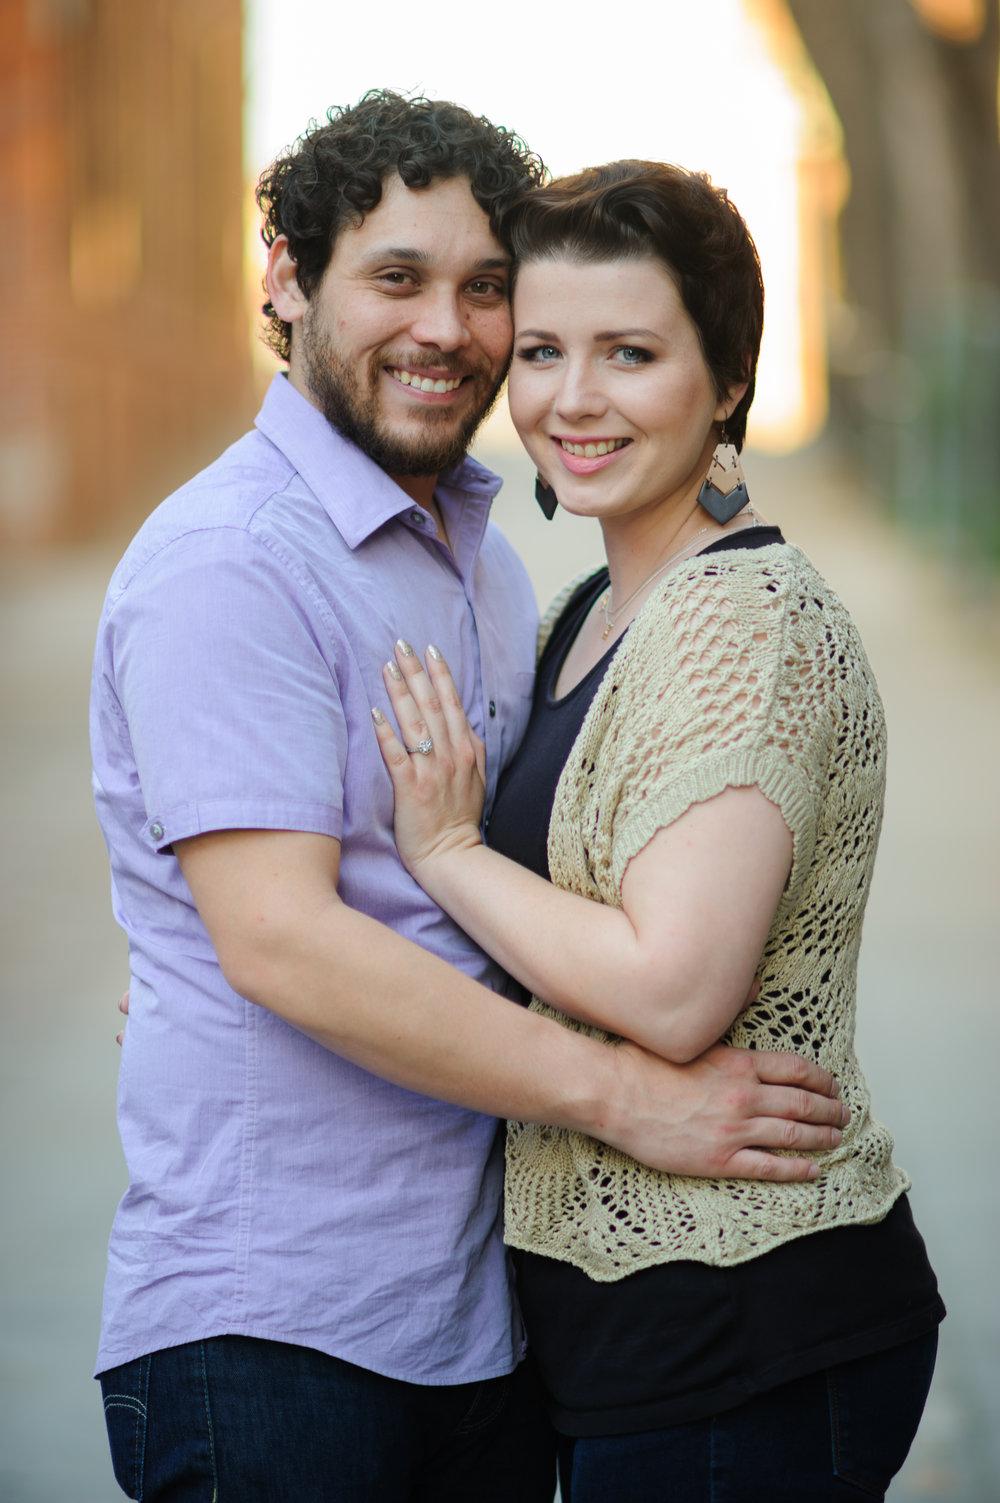 chloe-evan-004-old-sacramento-engagement-session-wedding-photographer-katherine-nicole-photography.JPG